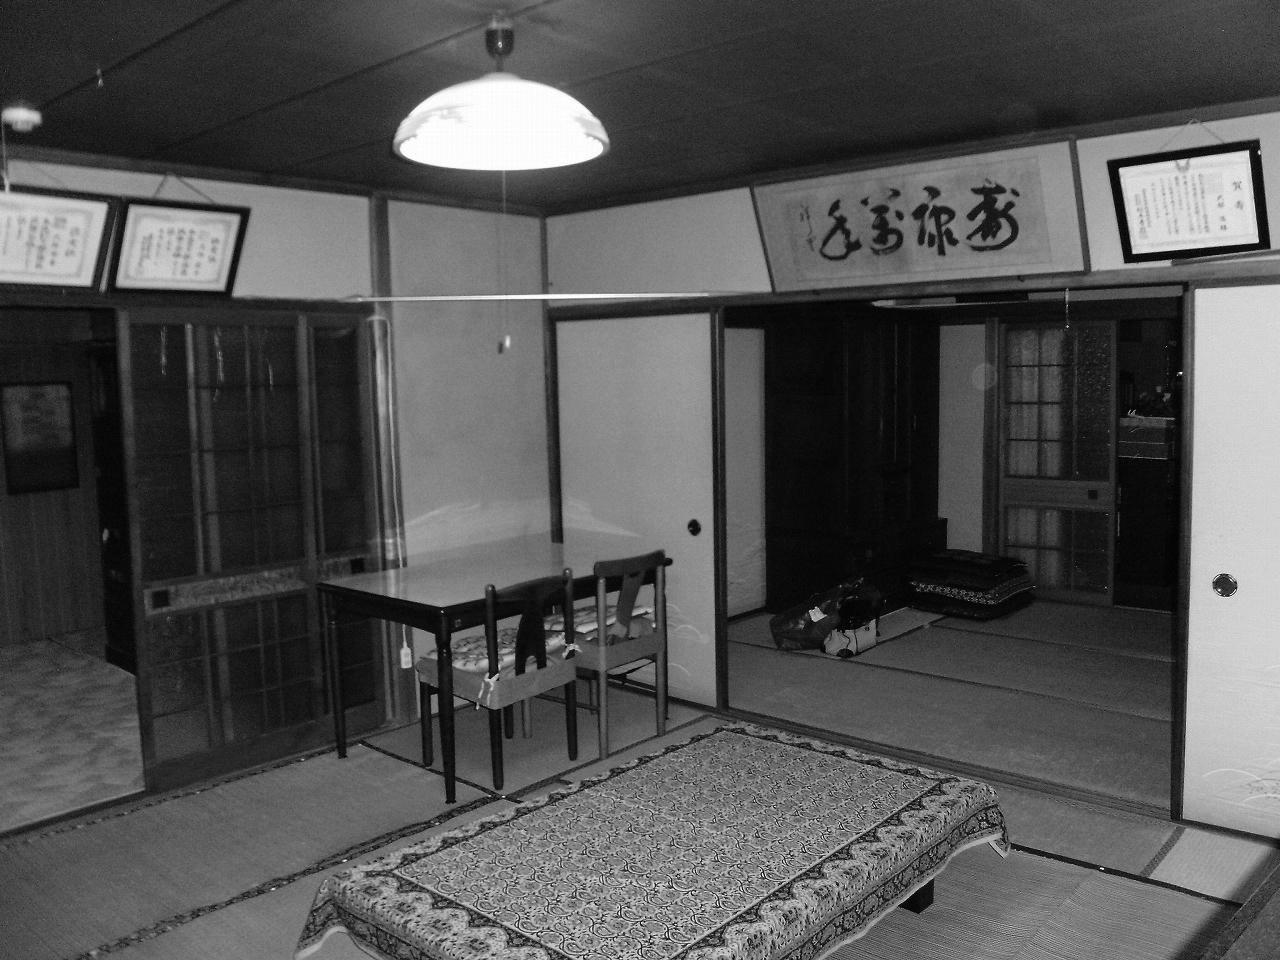 以前は和室の続き間で、暗く使い勝手も良くありませんでした。